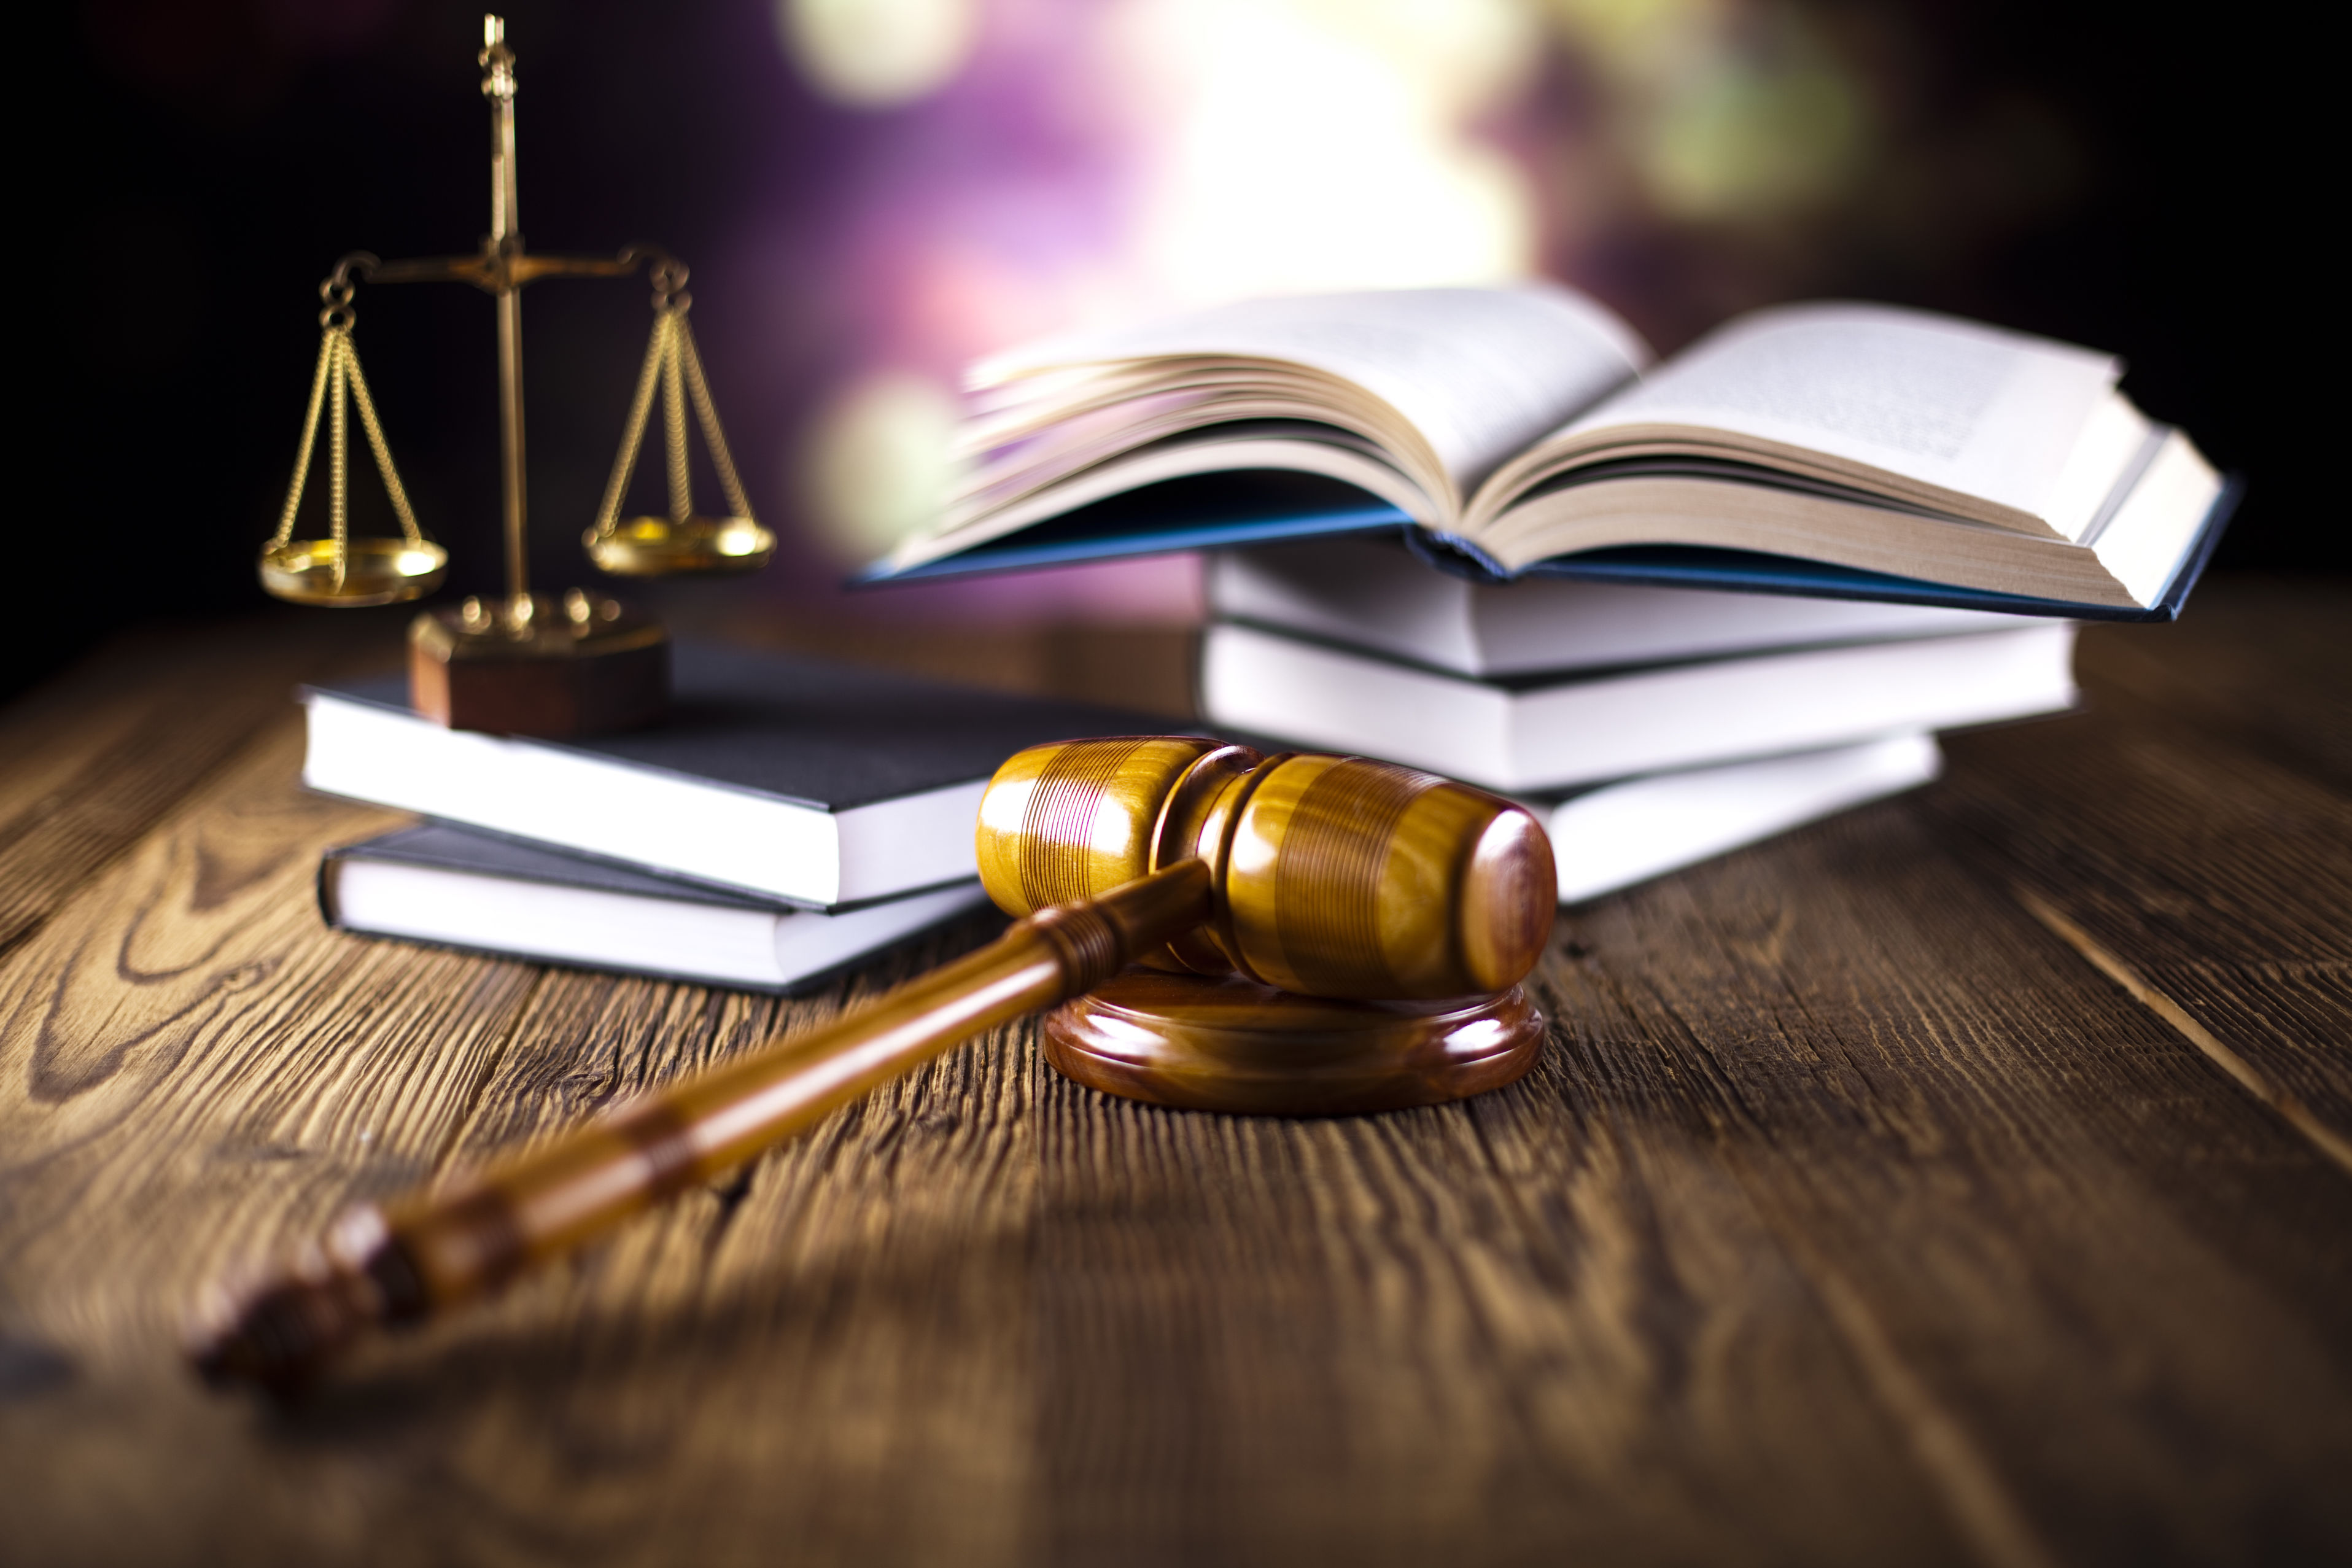 【公司预警】天宝食品涉嫌信披违法违规遭证监会立案调查